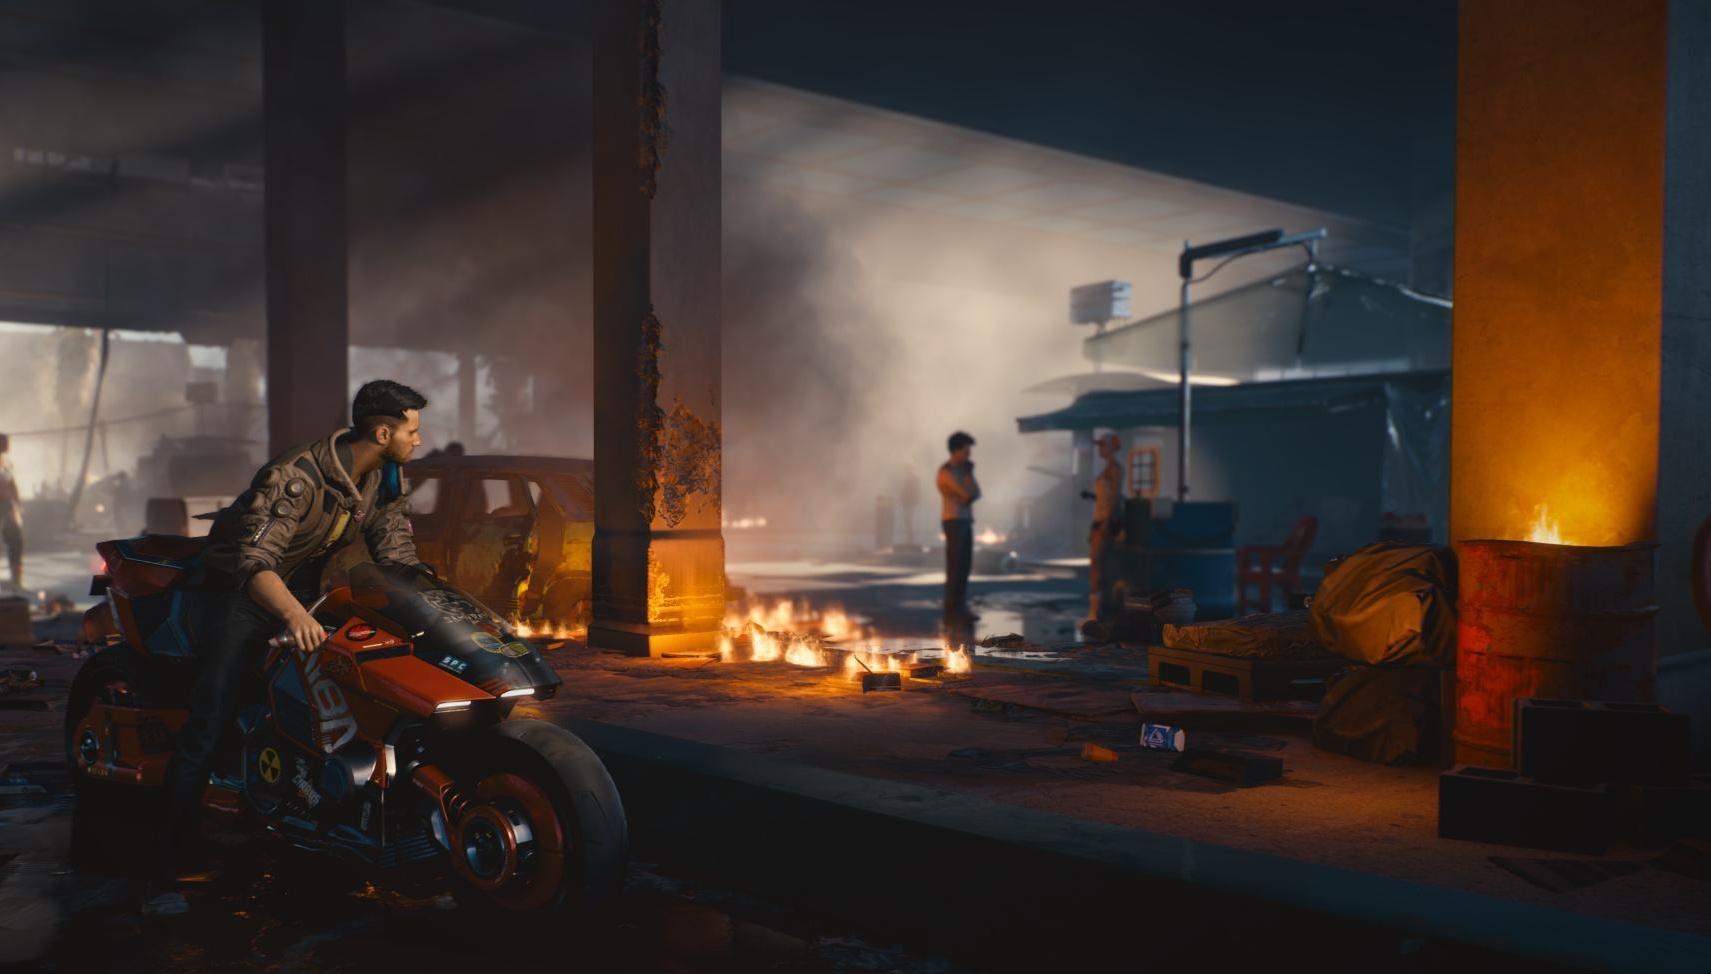 Команда Cyberpunk 2077 узнала о переносе игры за минуты до официального объявления